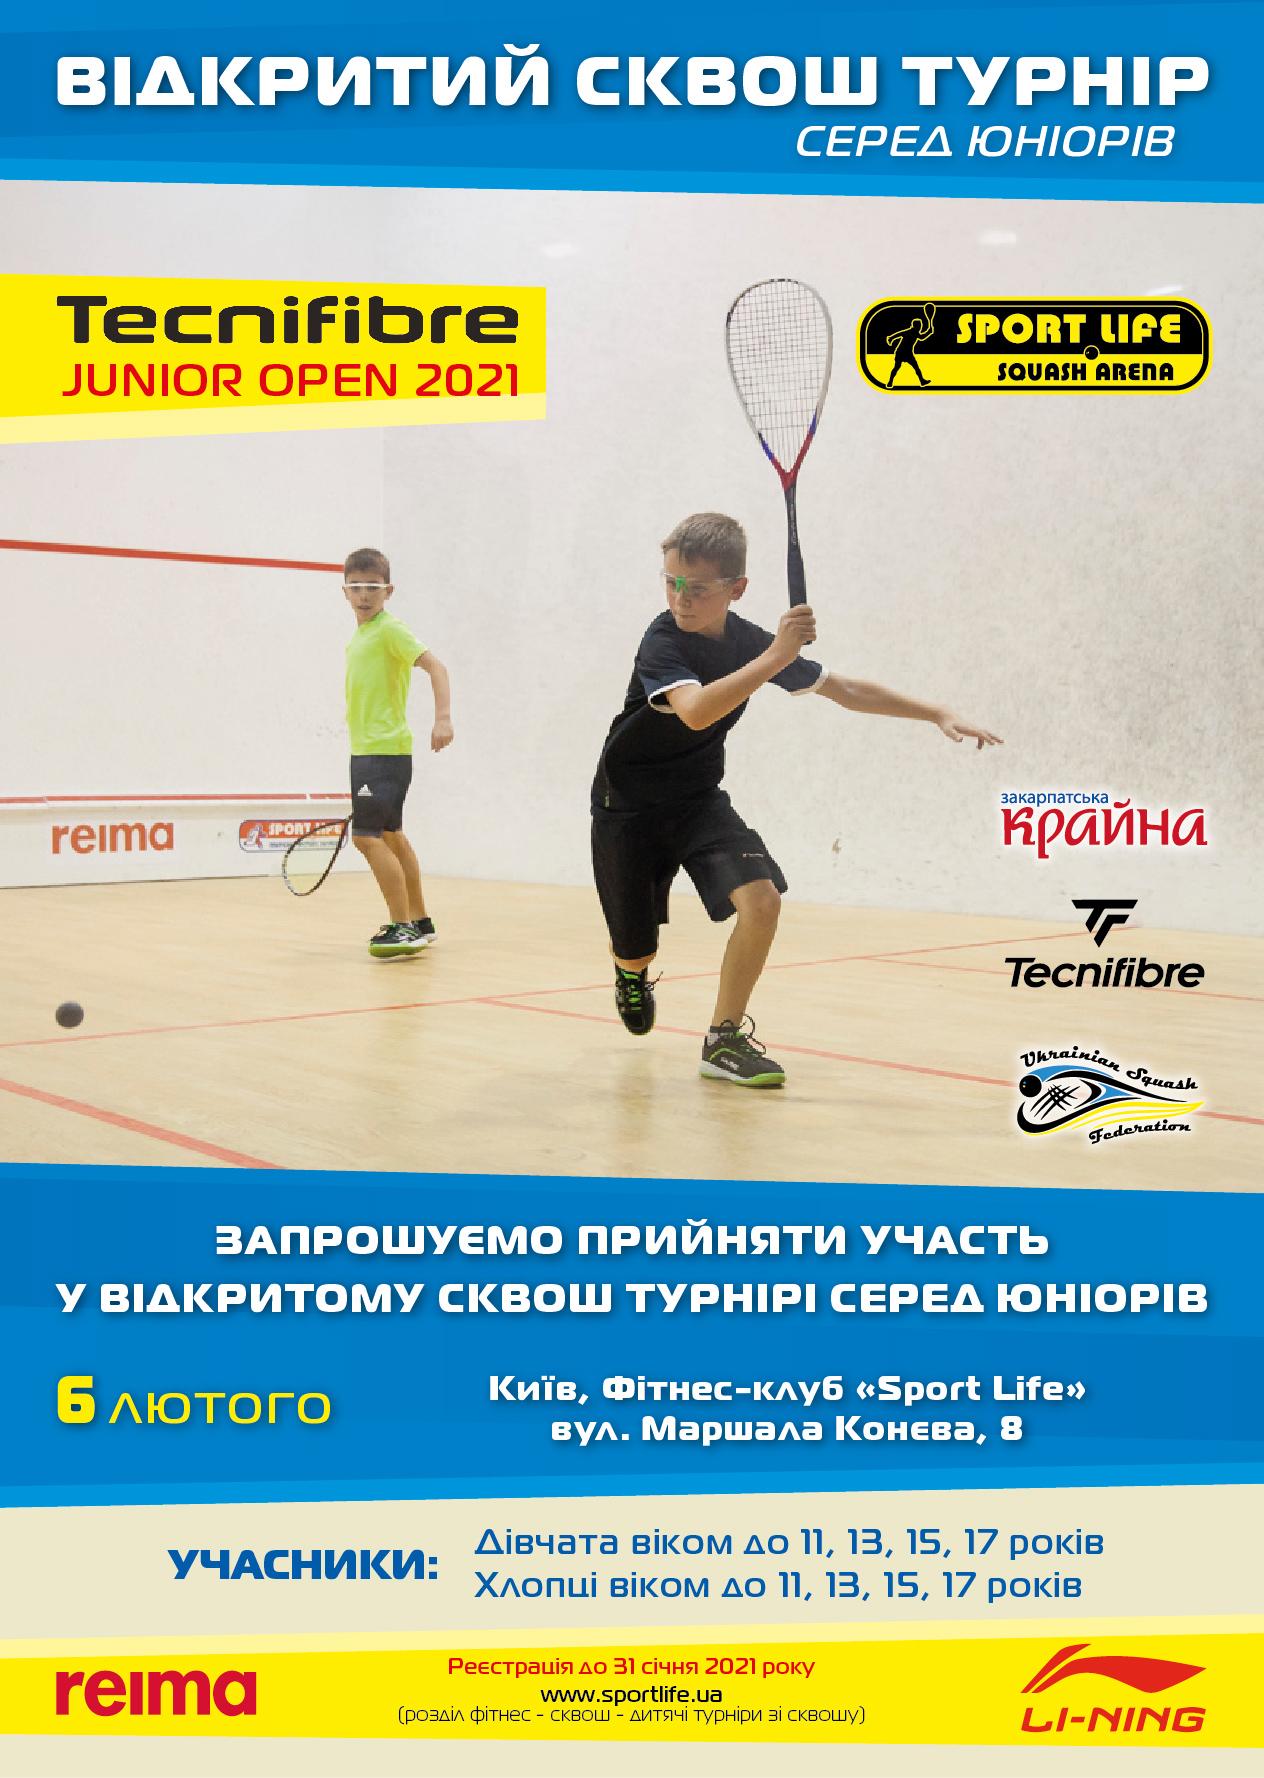 Tecnifibre Junior Open 2021